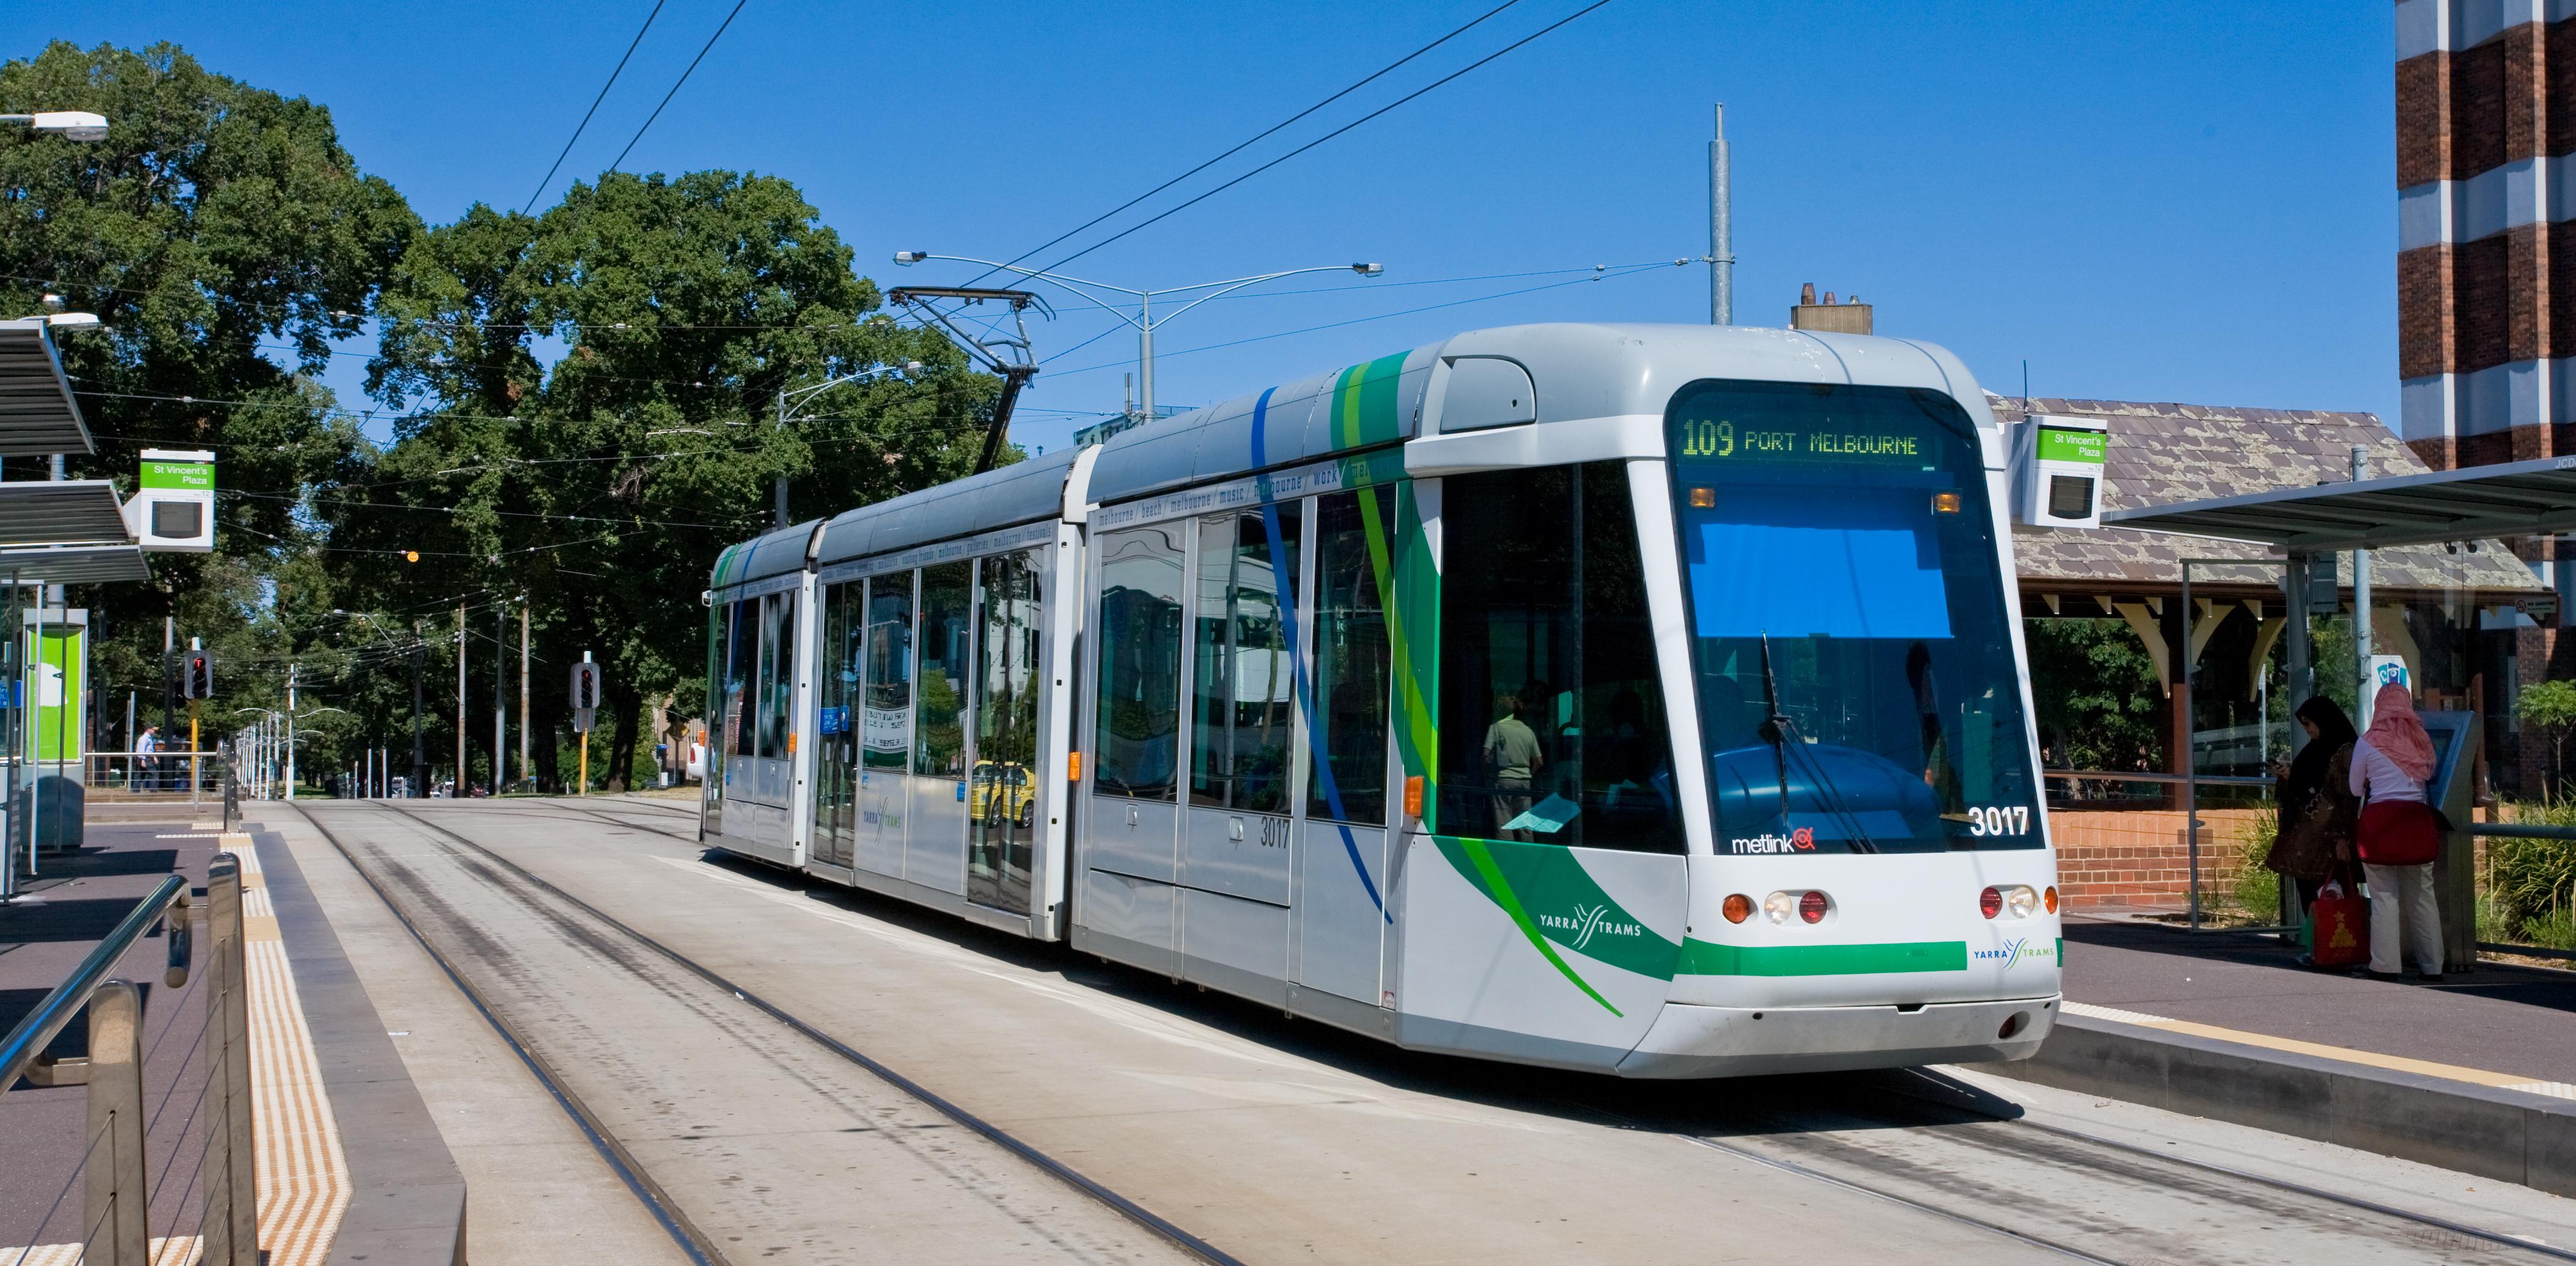 C Class Tram Melbourne   Jan 2008 - Tuyến tàu 5 tỷ đô nối liền trung tâm thành phố Melbourne tới sân bay được phê duyệt